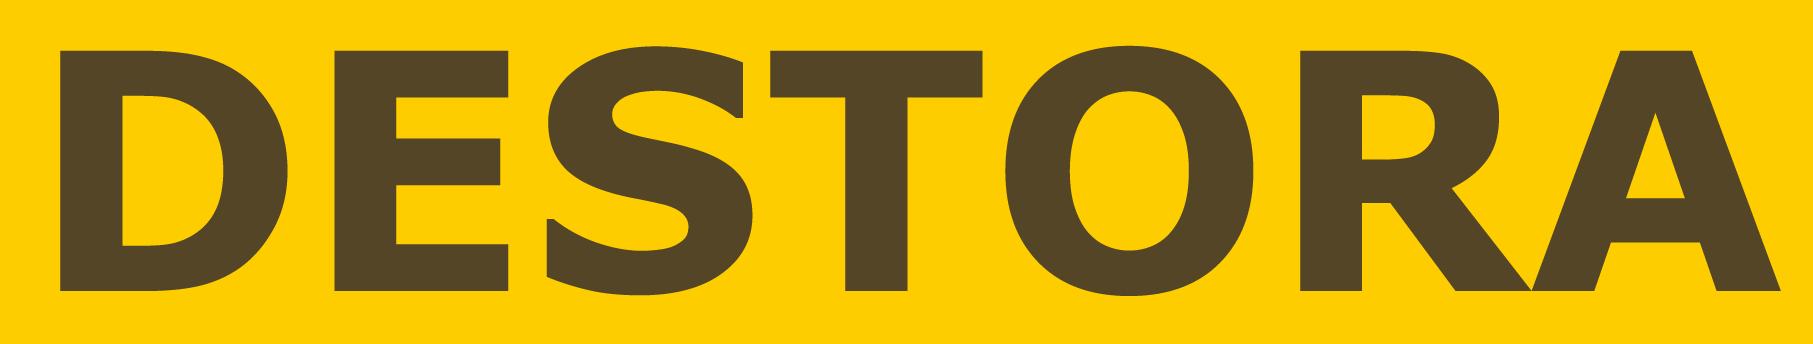 DesTora.com